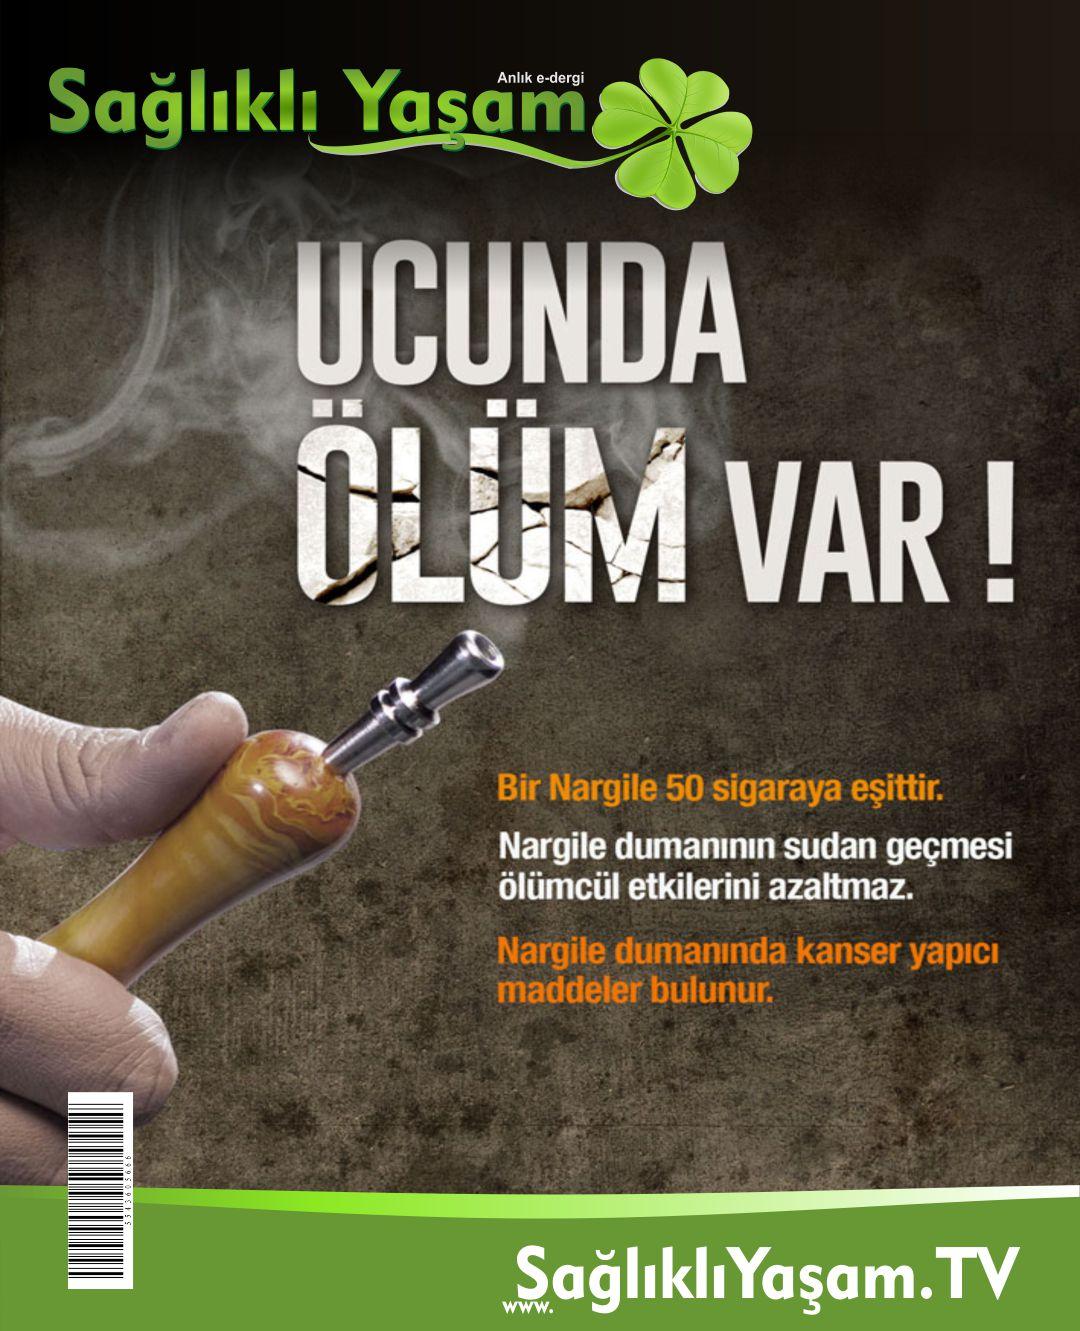 Nargile gerçekleri: Bir nargile 50 sigaraya eşittir.